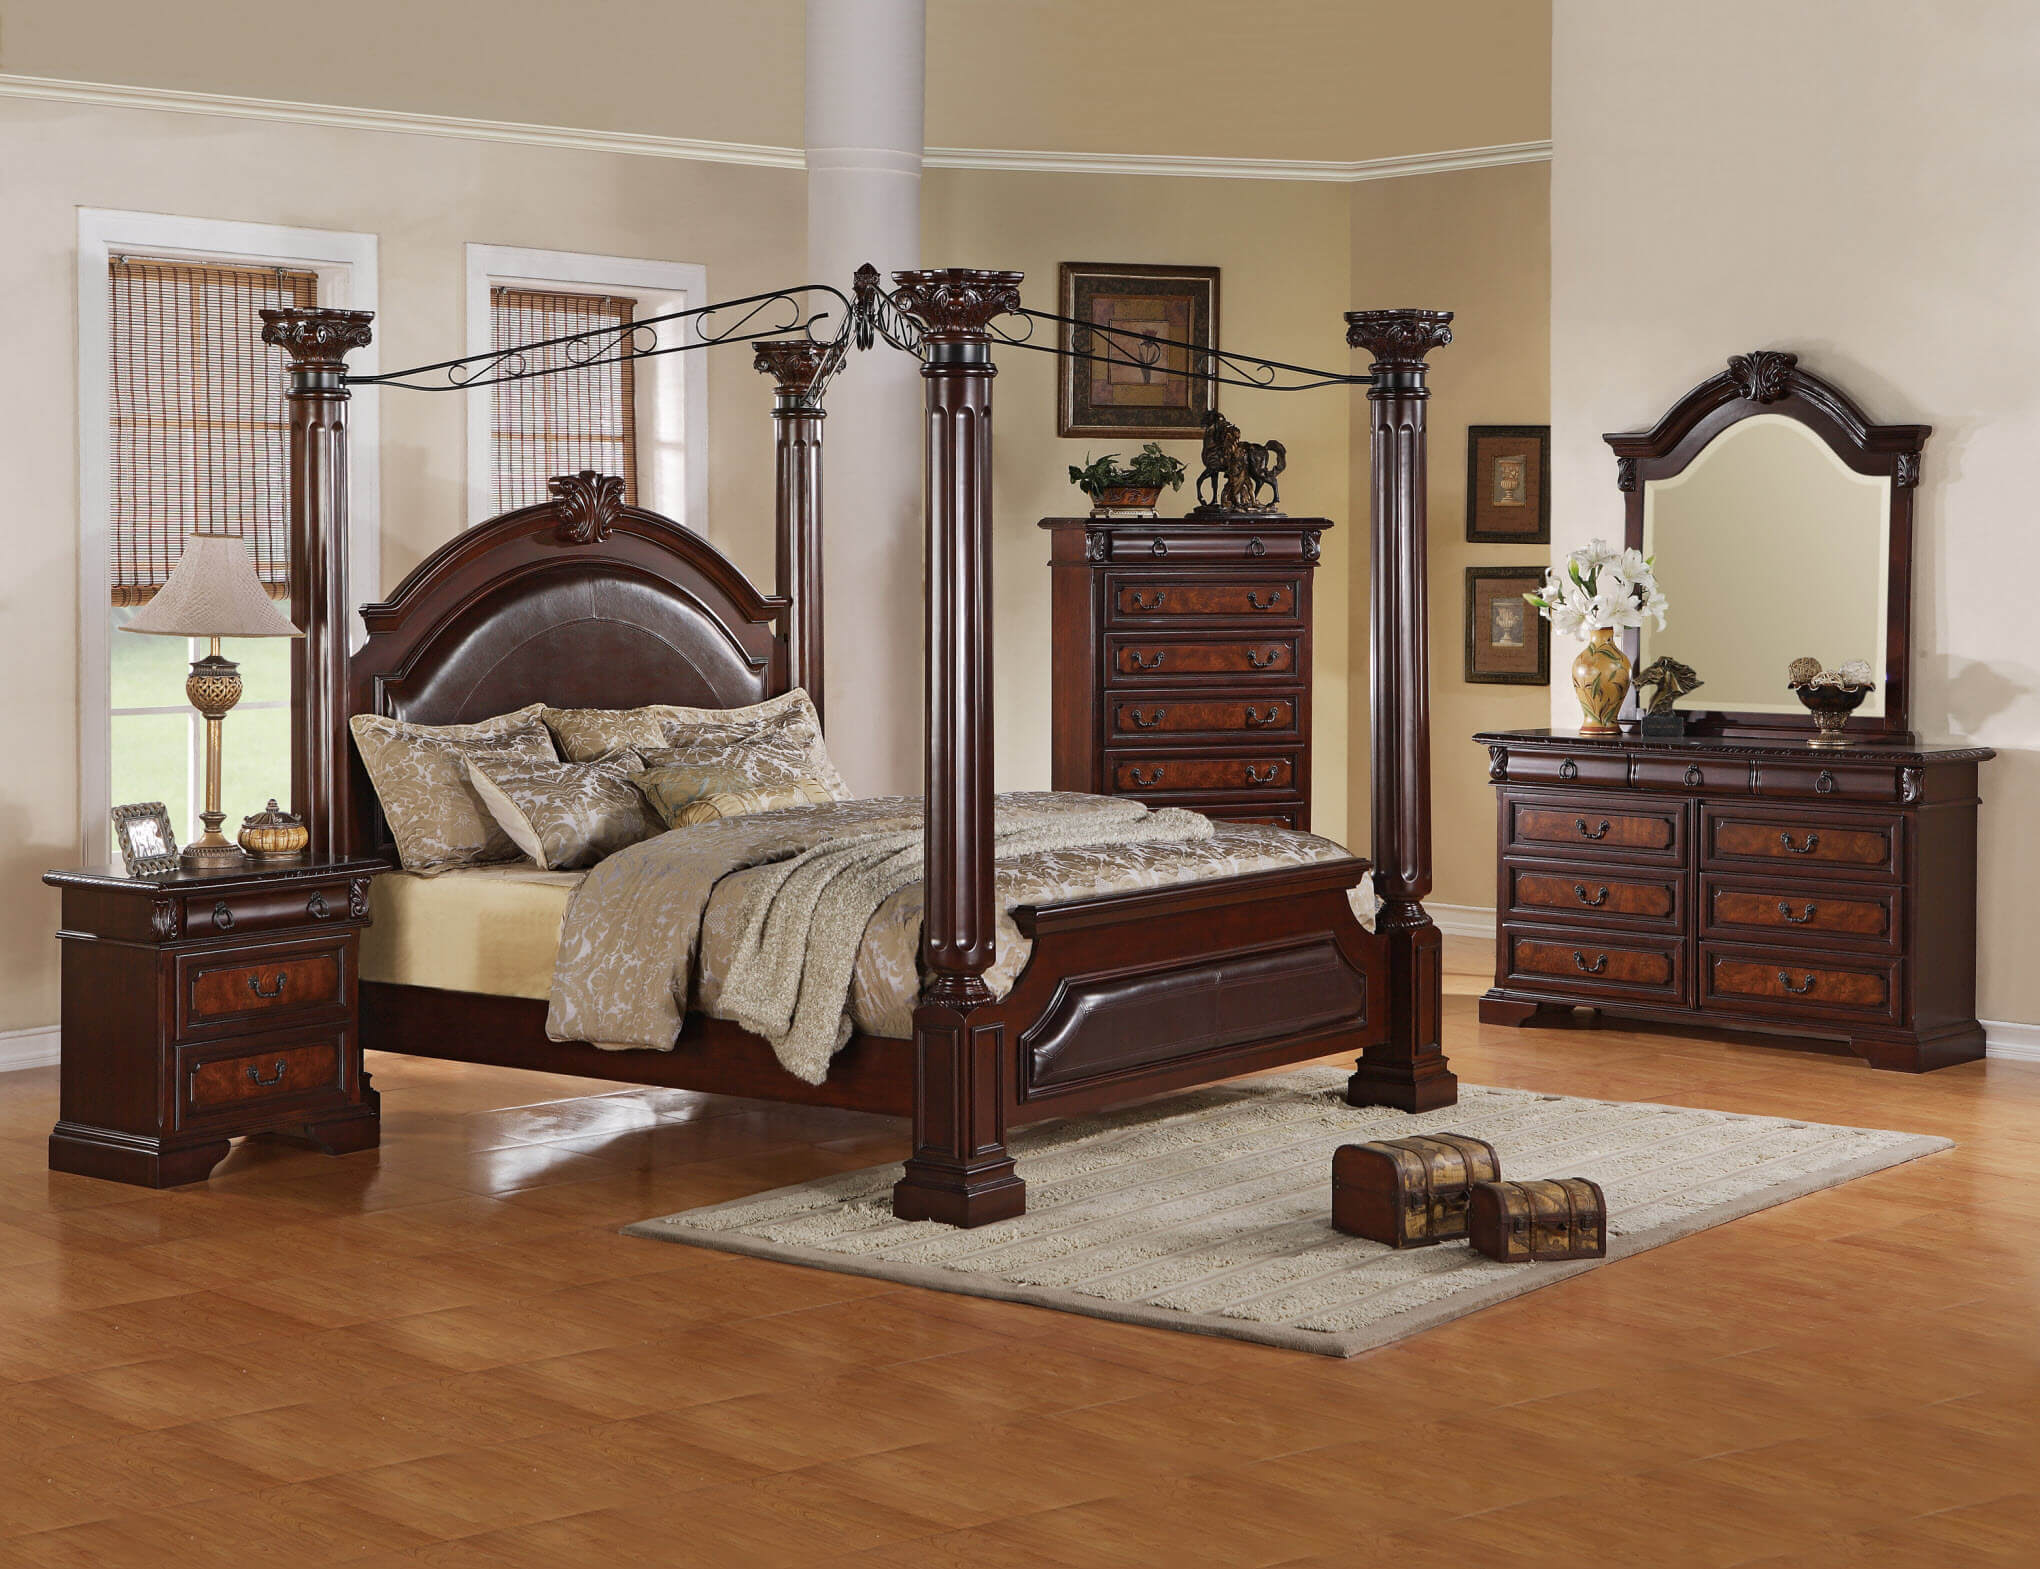 Ashley Neo Renaissance Bedroom Set Bedroom Furniture Sets